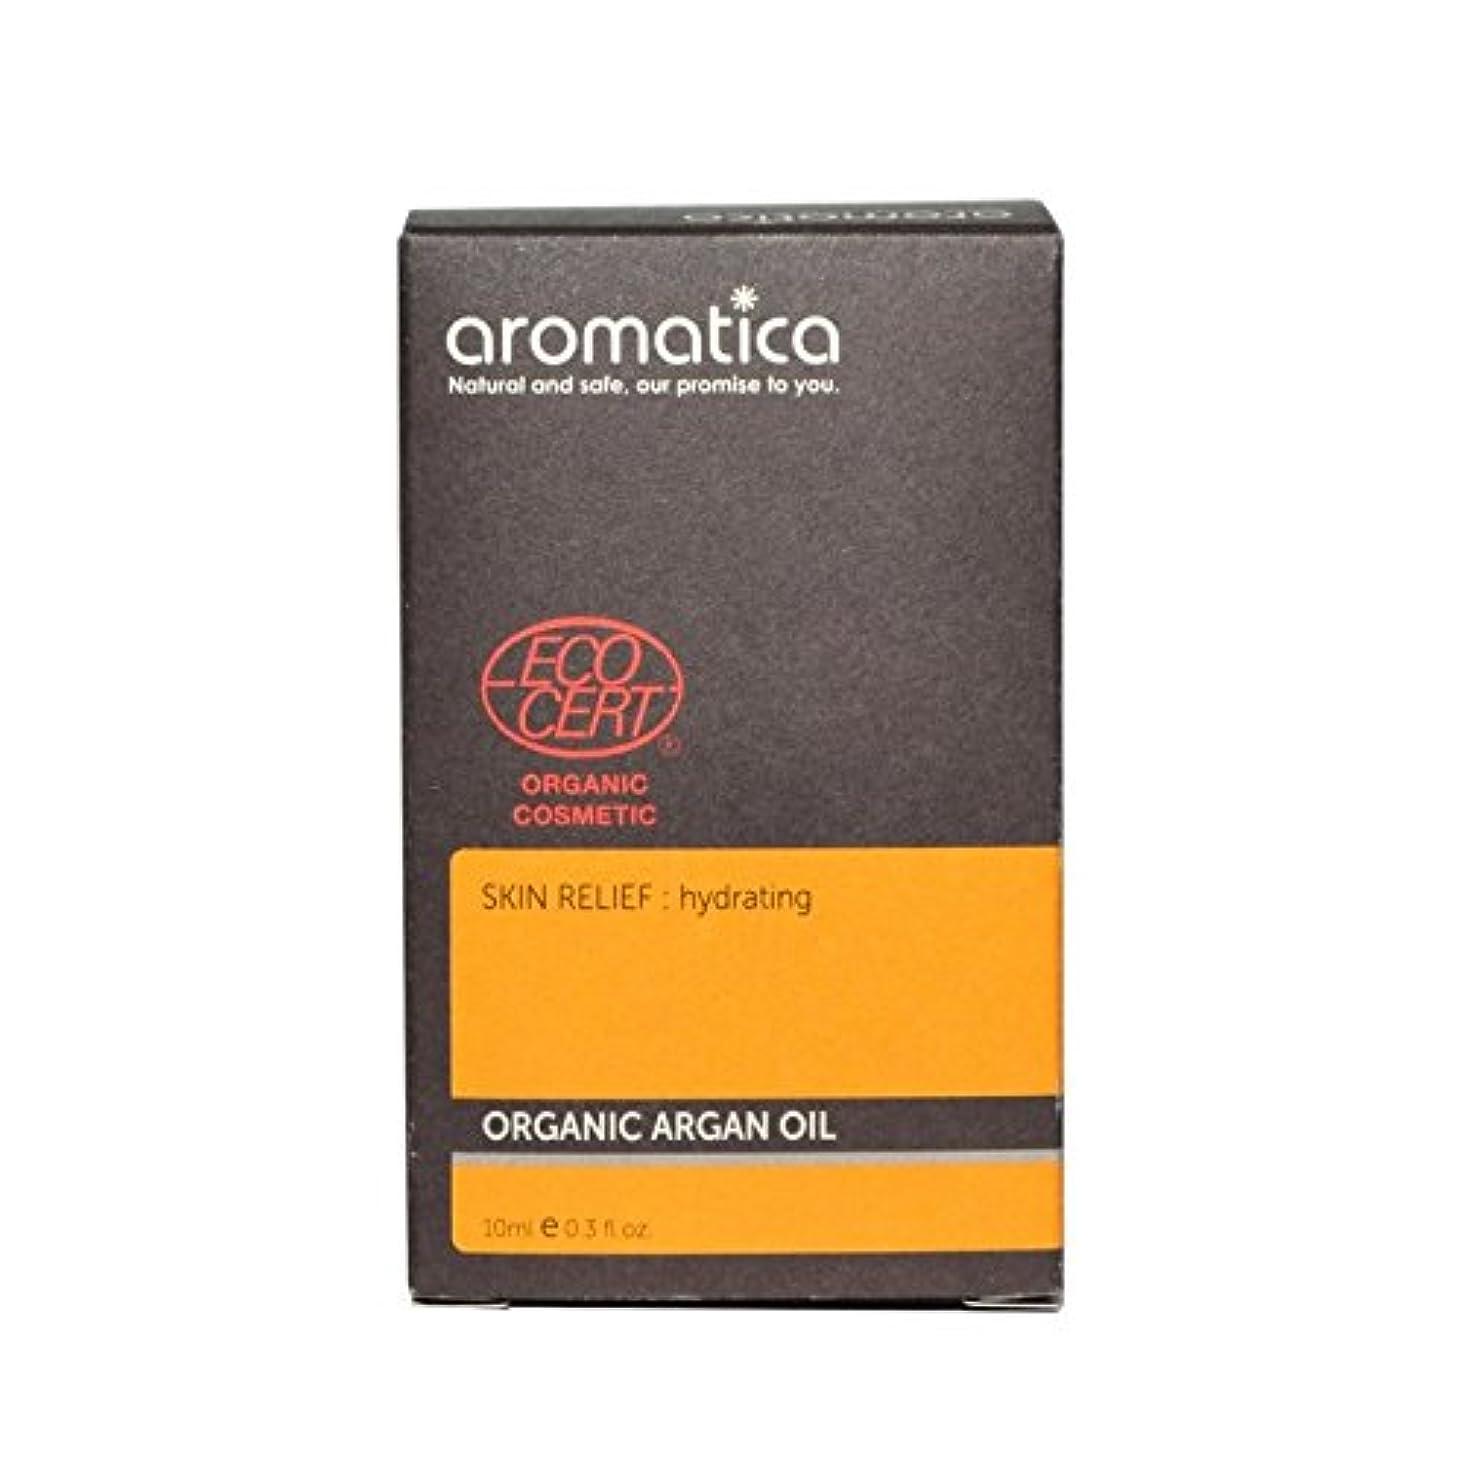 有罪キャビングラスオーガニックアルガンオイル10ミリリットル x4 - aromatica Organic Argan Oil 10ml (Pack of 4) [並行輸入品]